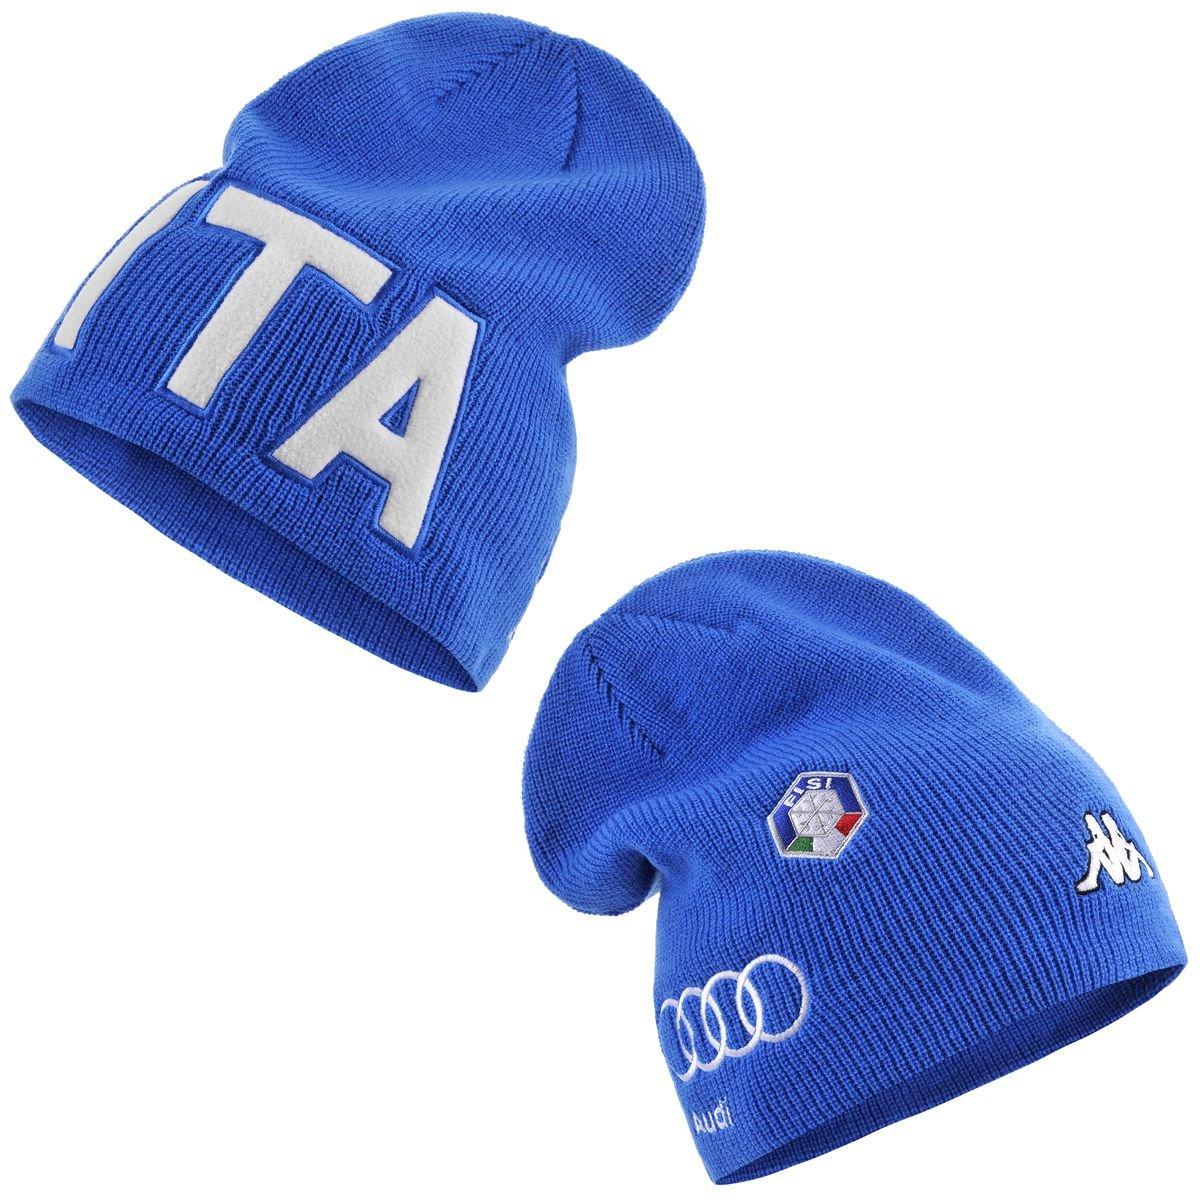 codici promozionali foto ufficiali sporco Kappa 6cento Spike FISI cappello lana azzurro unisex-5: Amazon.co ...